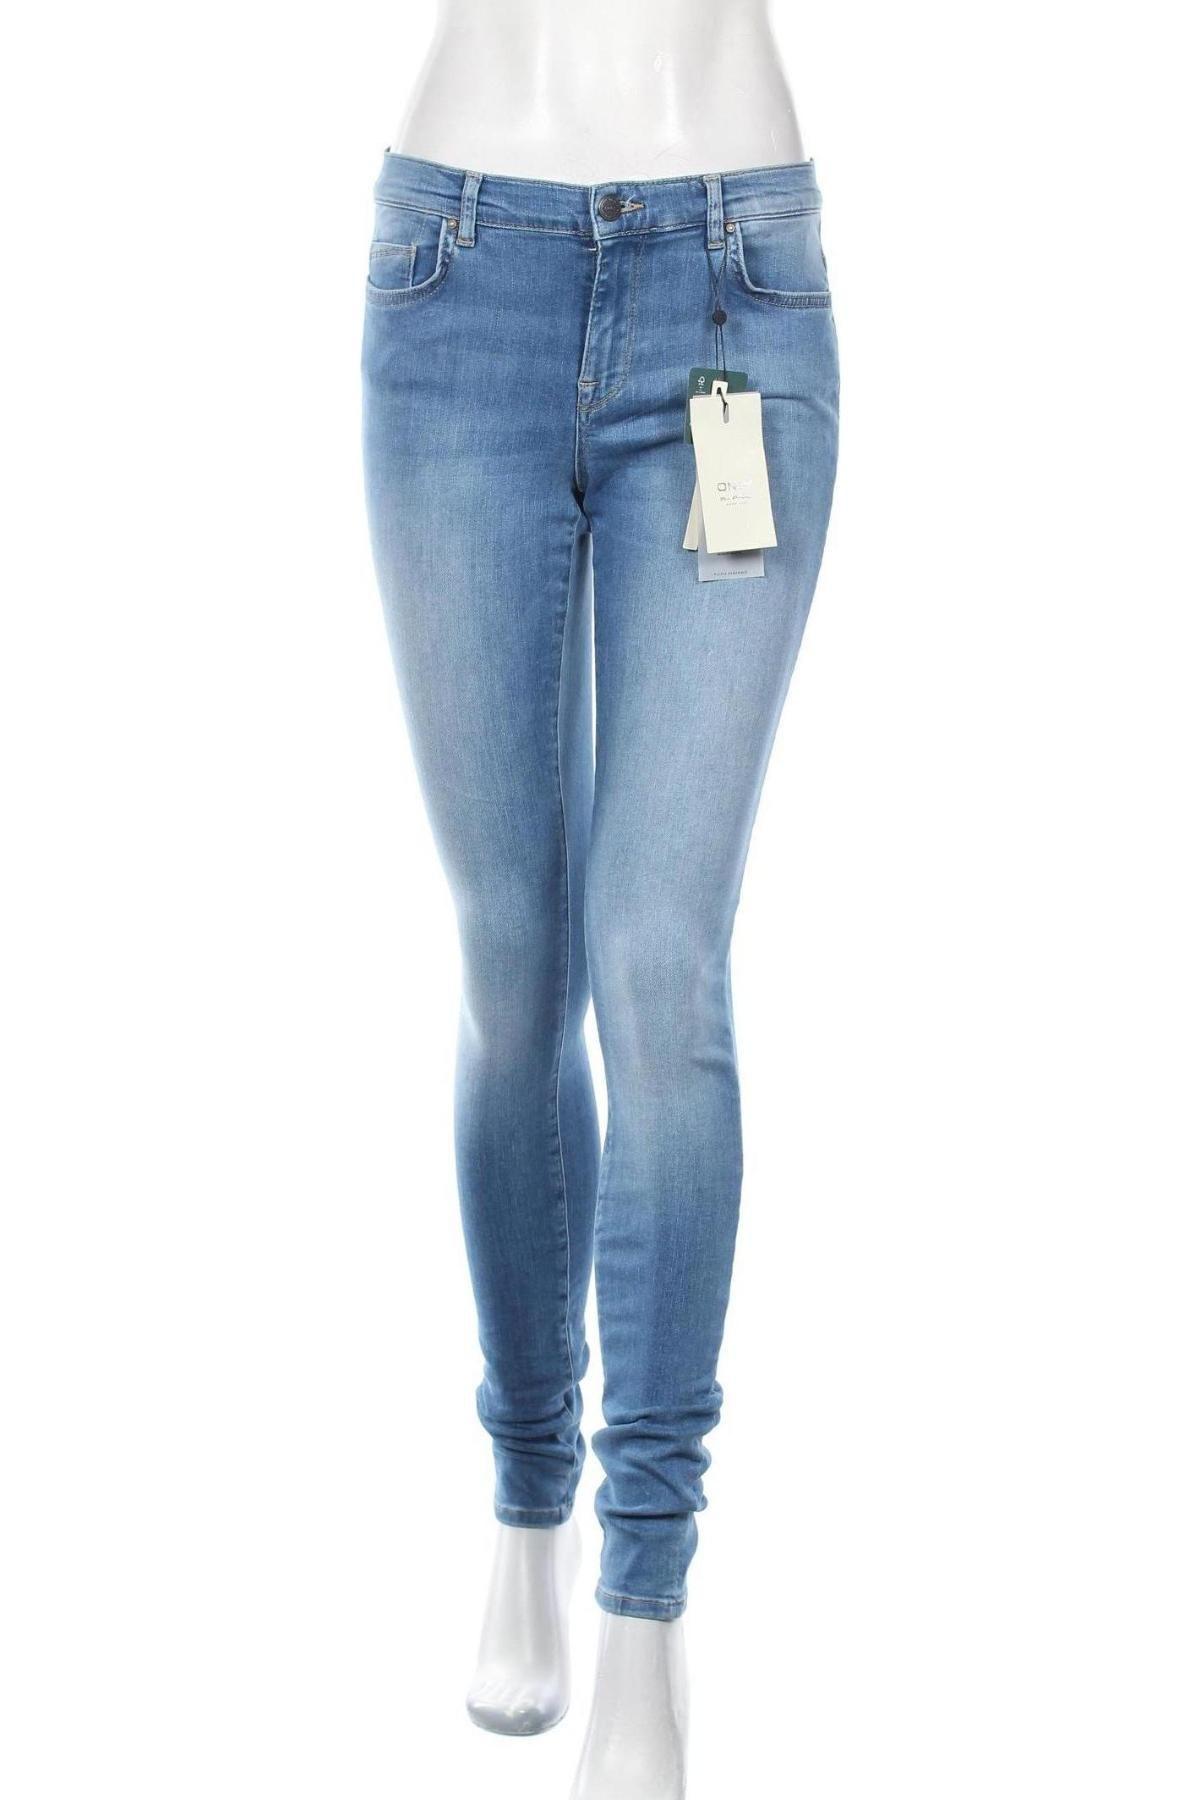 Дамски дънки ONLY, Размер L, Цвят Син, 94% памук, 4% полиестер, 2% еластан, Цена 54,00лв.